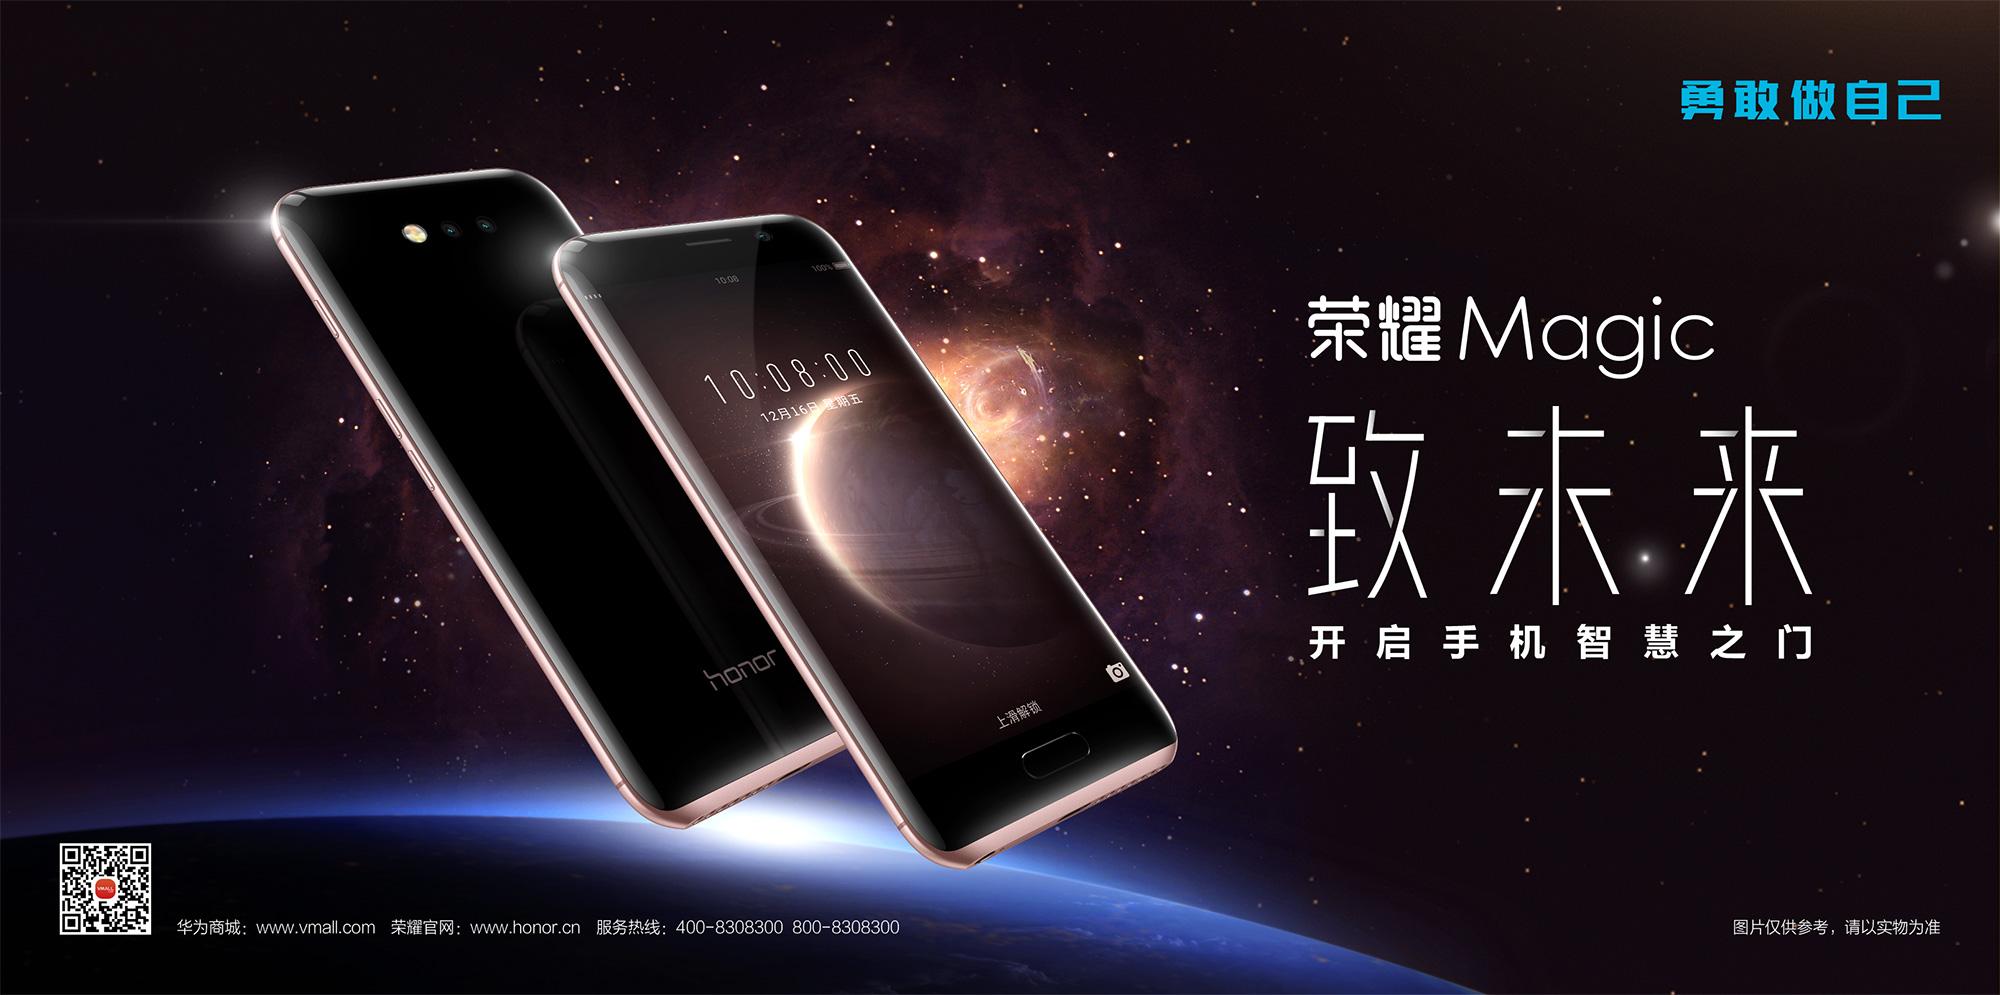 Honor-Magic-Huawei